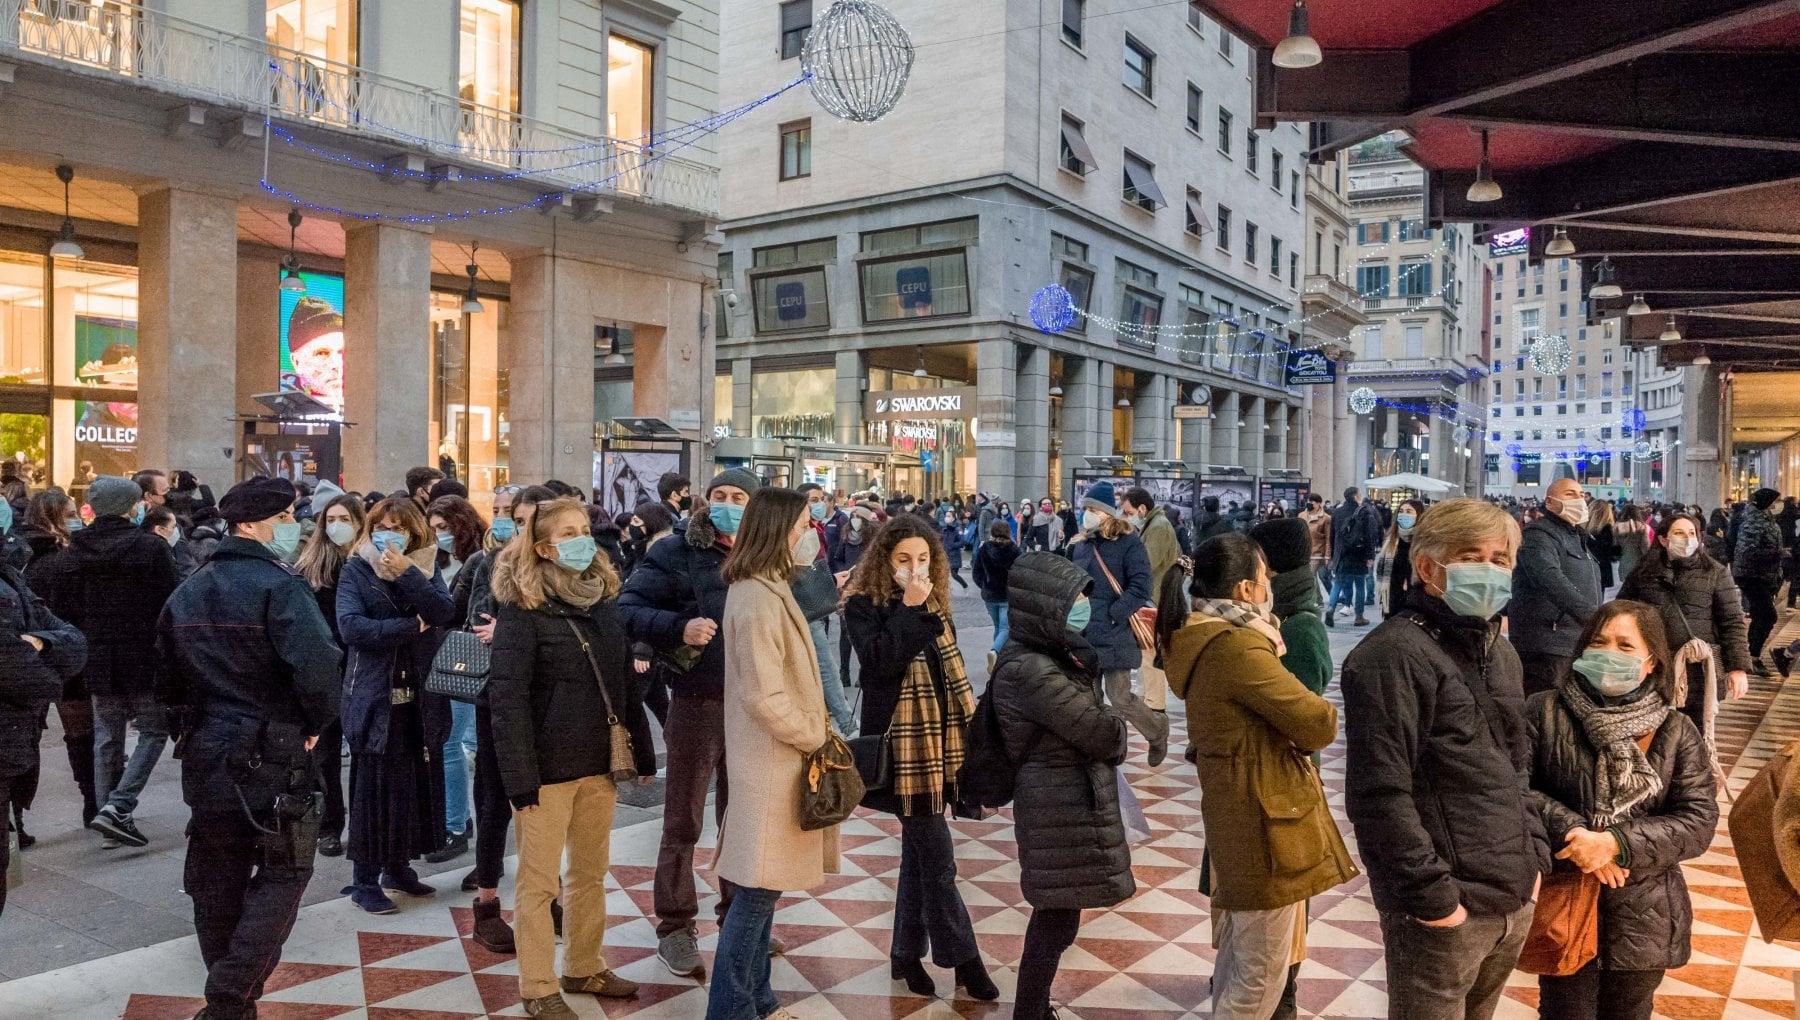 Dal 7 gennaio a Milano i negozi aprono alle 1015. Sala Cosi evitiamo affollamento sui mezzi nelle ore di punta